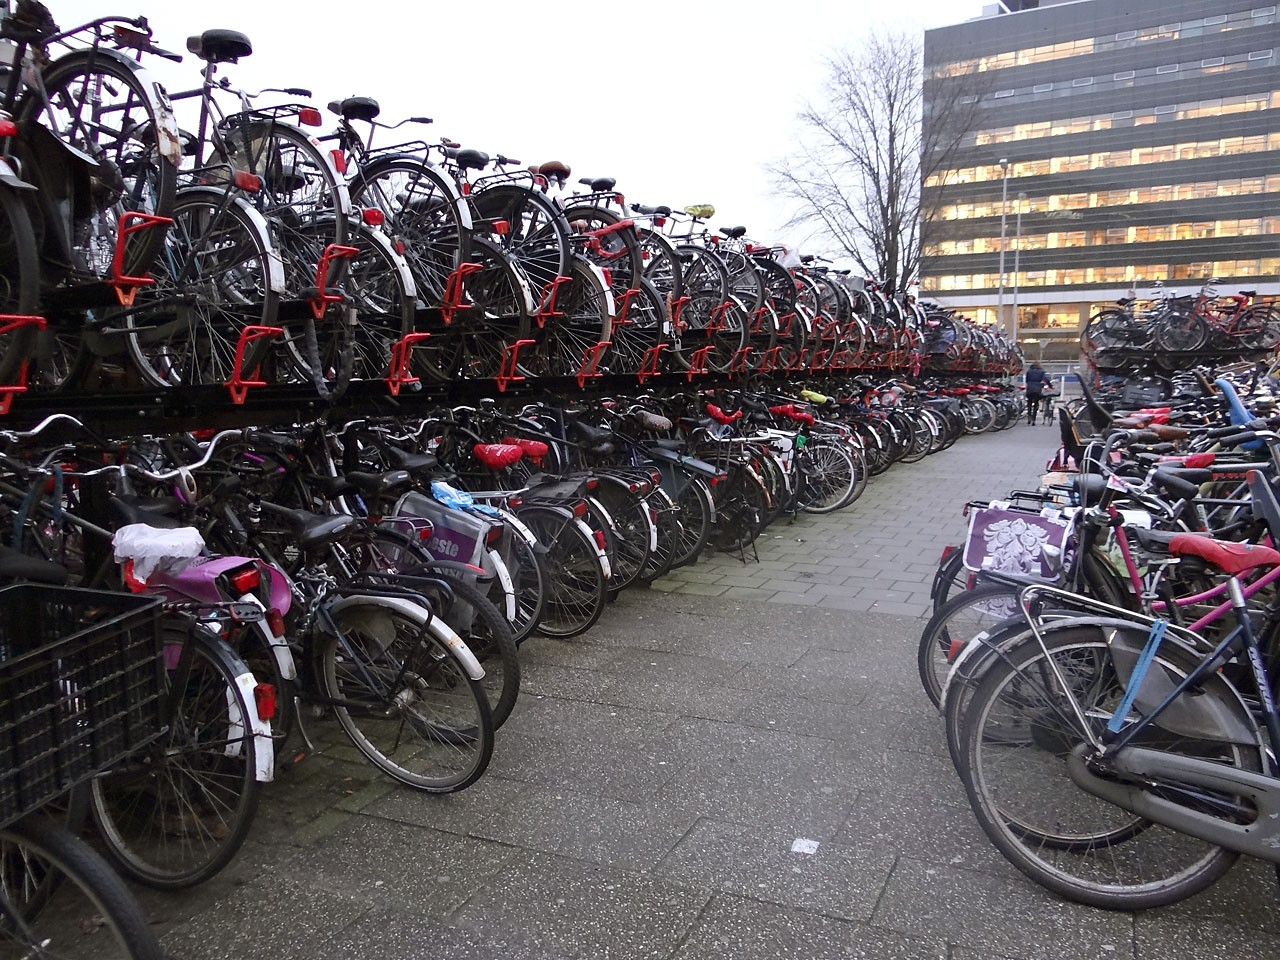 В Нидерландах будет построена самая большая в мире парковка для велосипедов